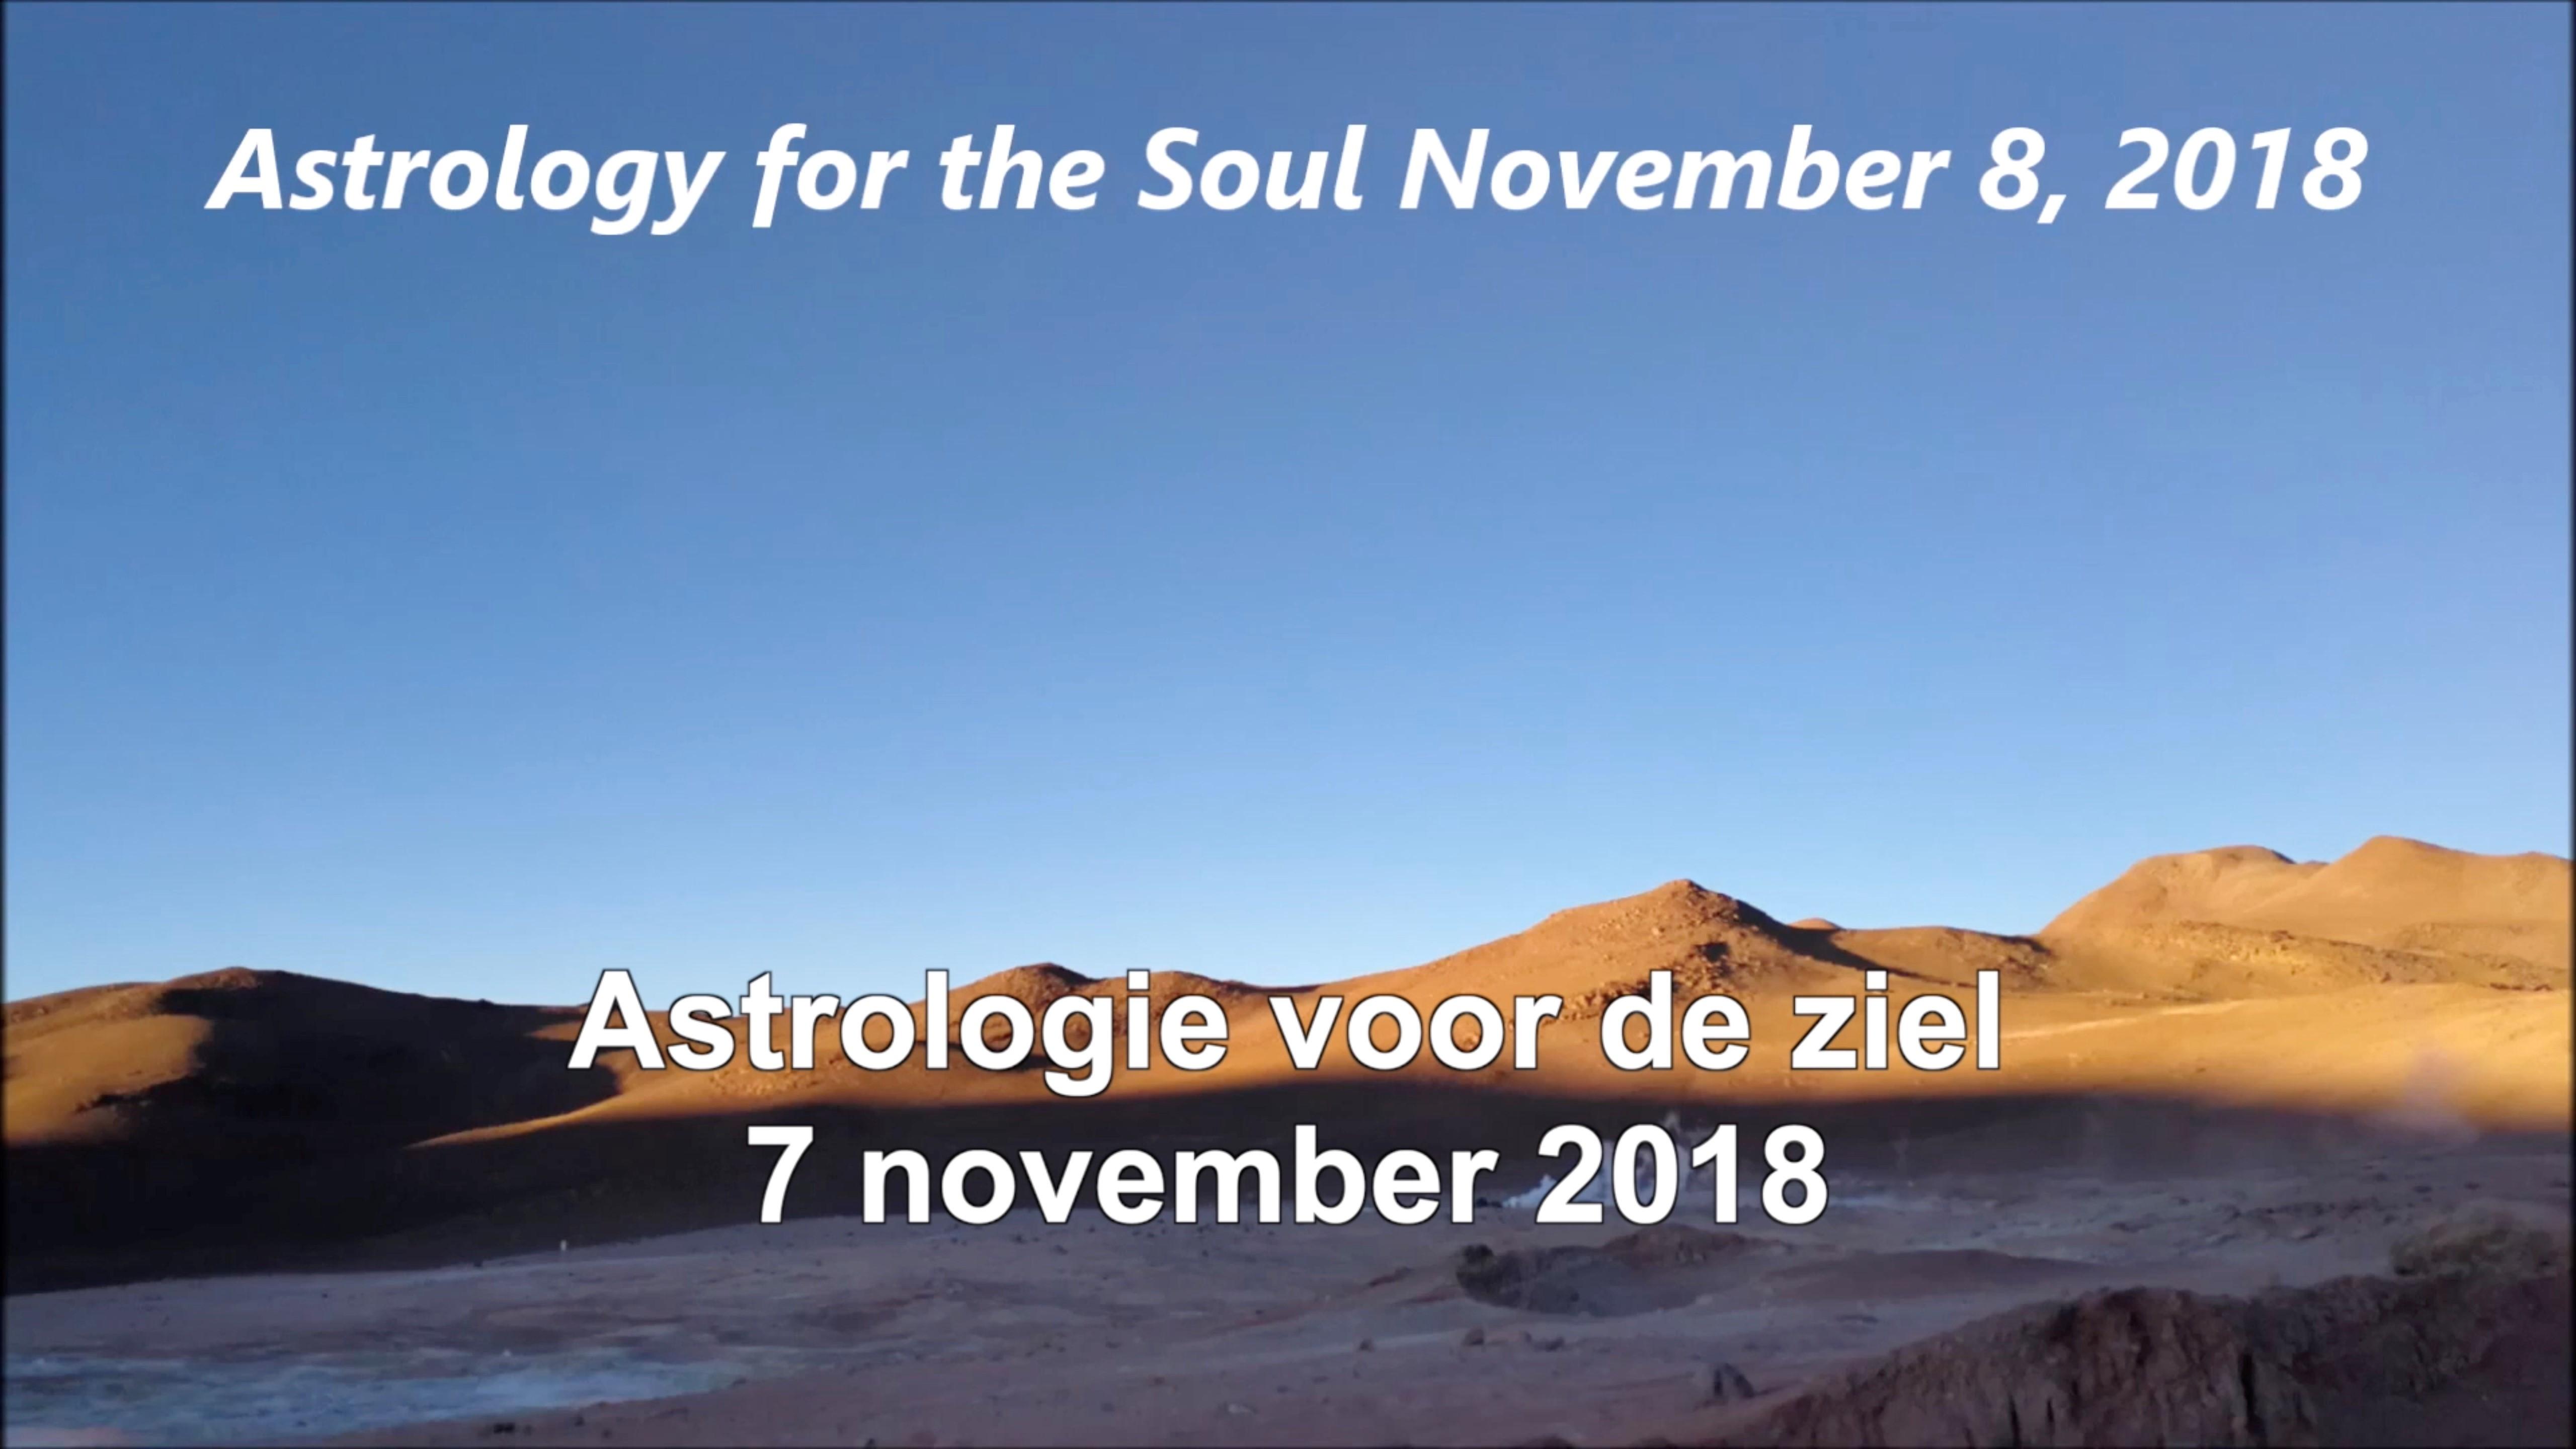 Astrologie voor de ziel 7 november